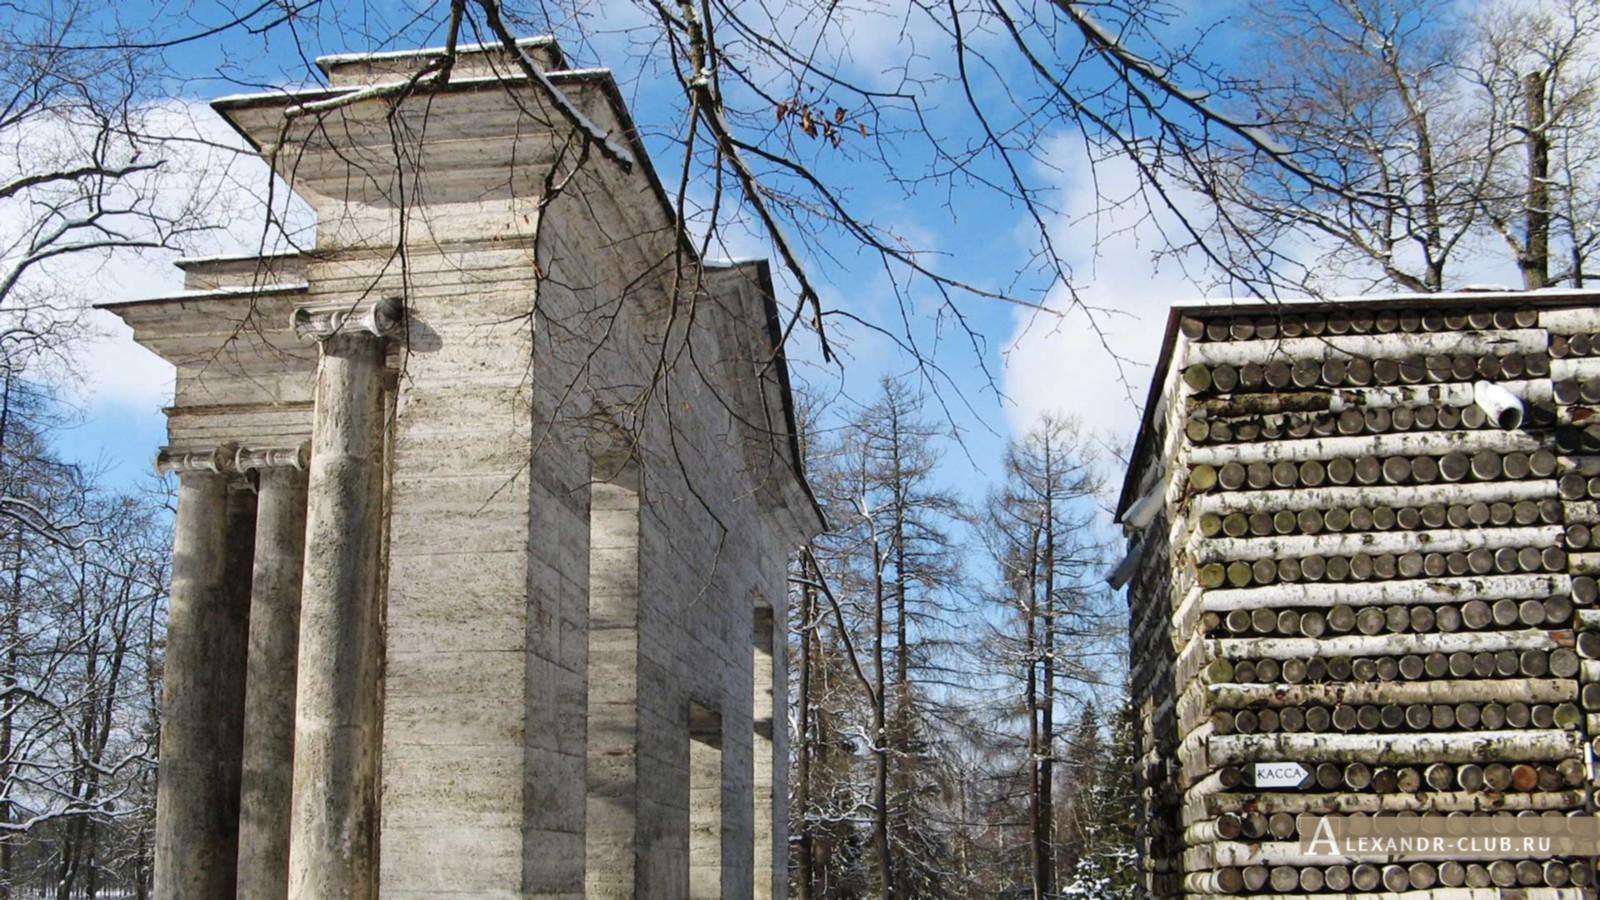 Портал «Маска» и Березовый домик, Гатчинский парк